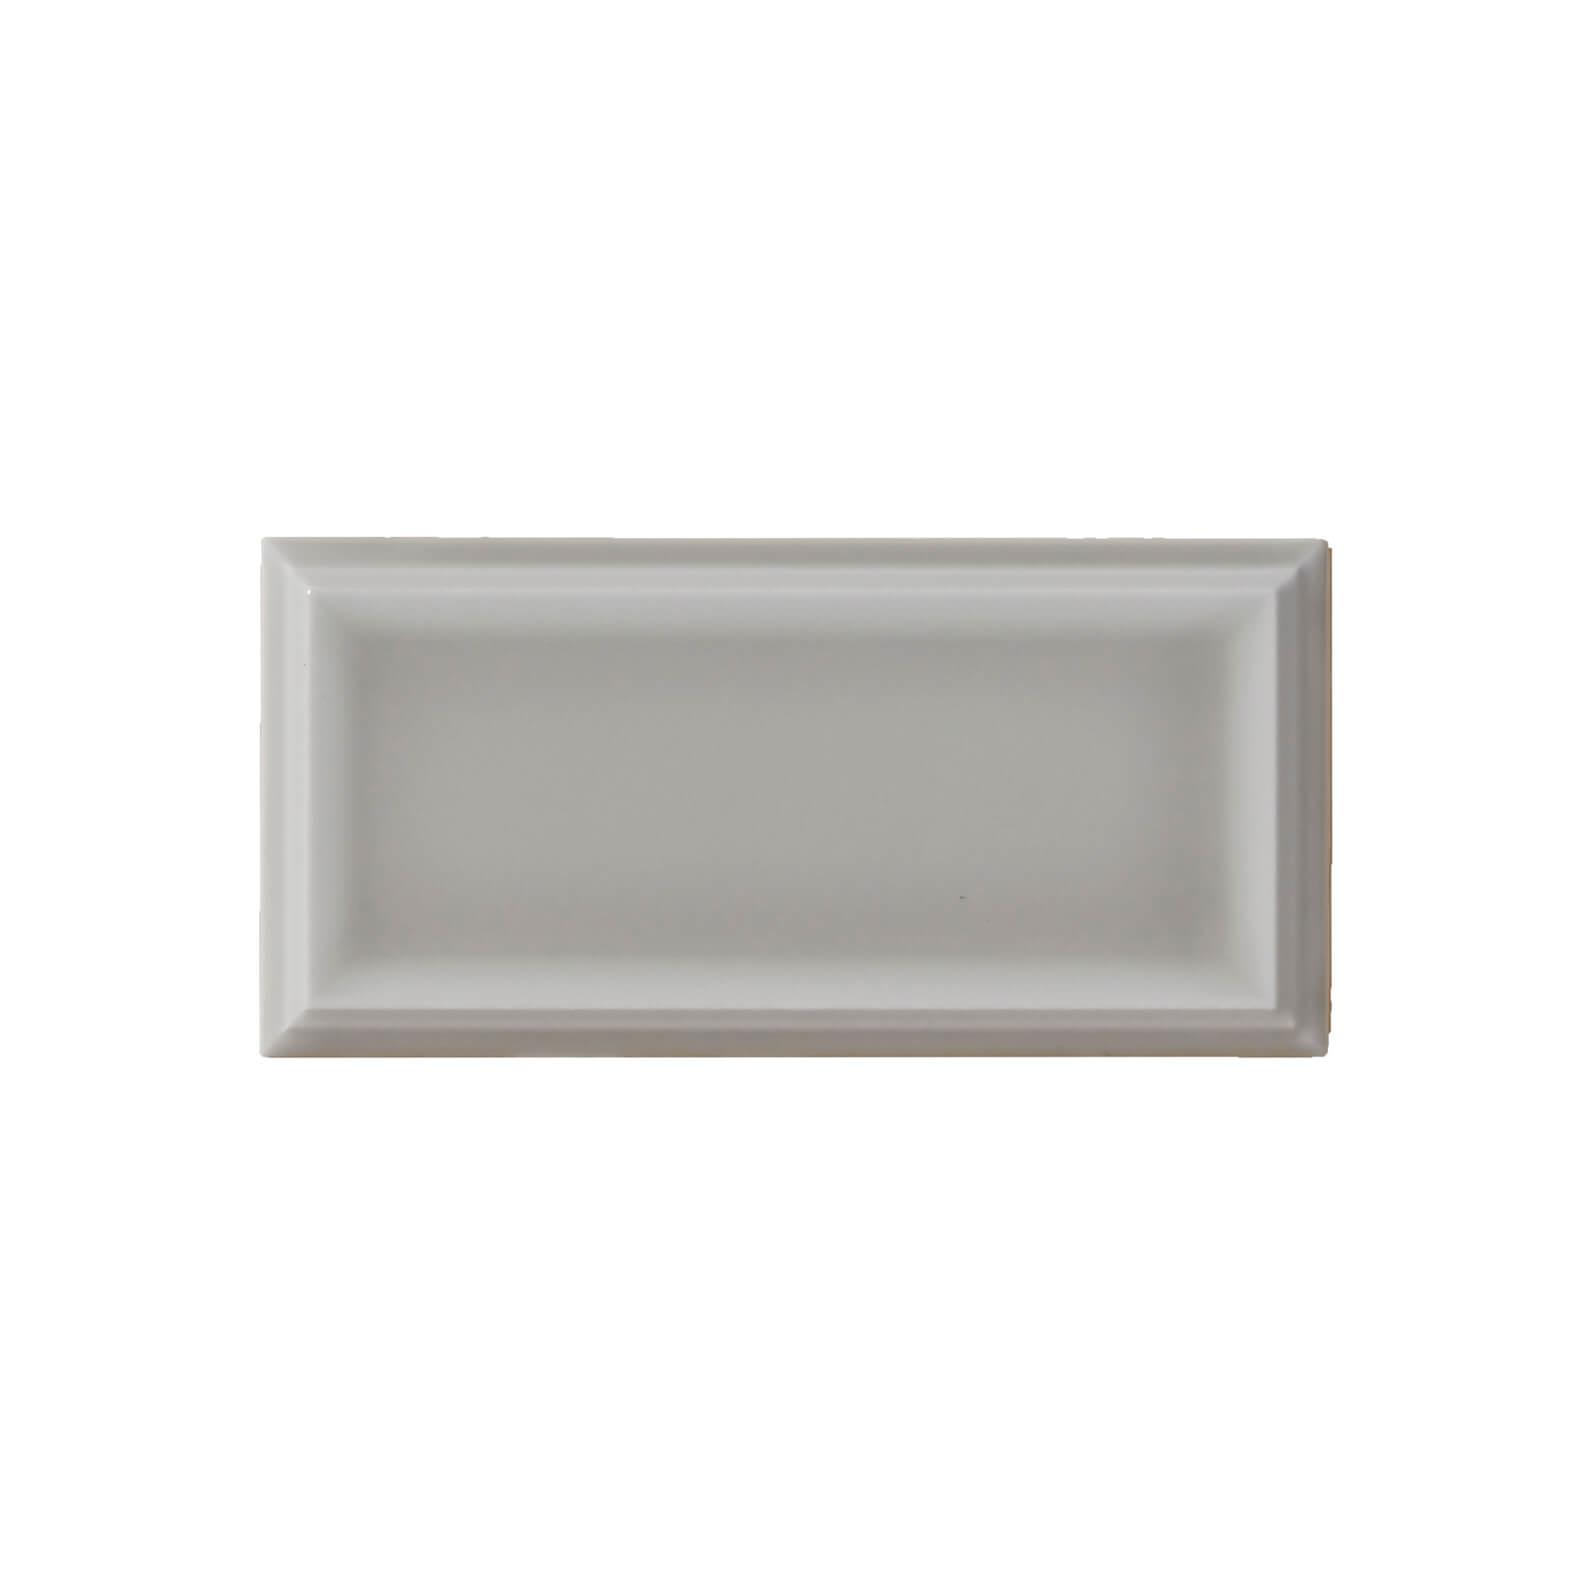 ADST1078 - LISO FRAMED - 7.3 cm X 14.8 cm